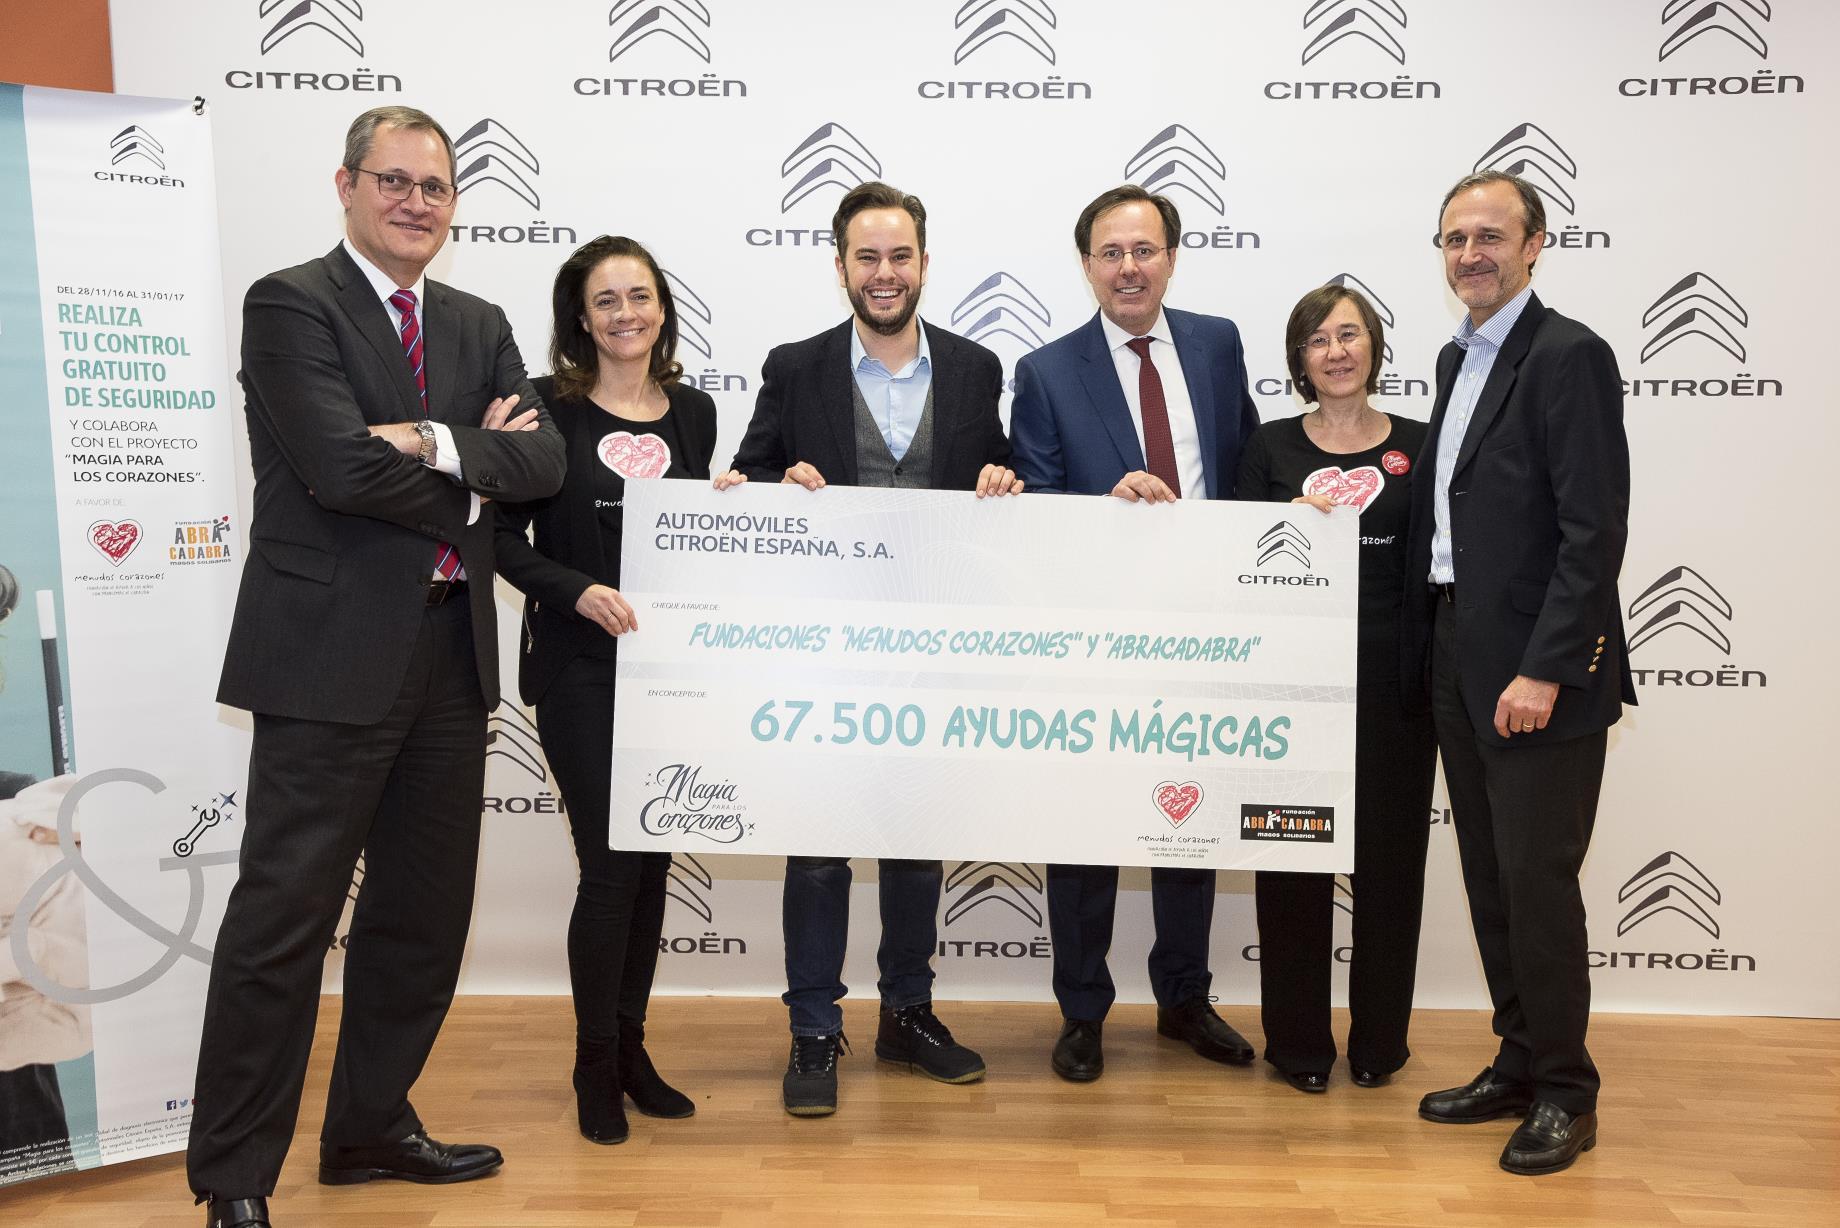 Citroën cierra con éxito su campaña solidaria Magia para los Corazones